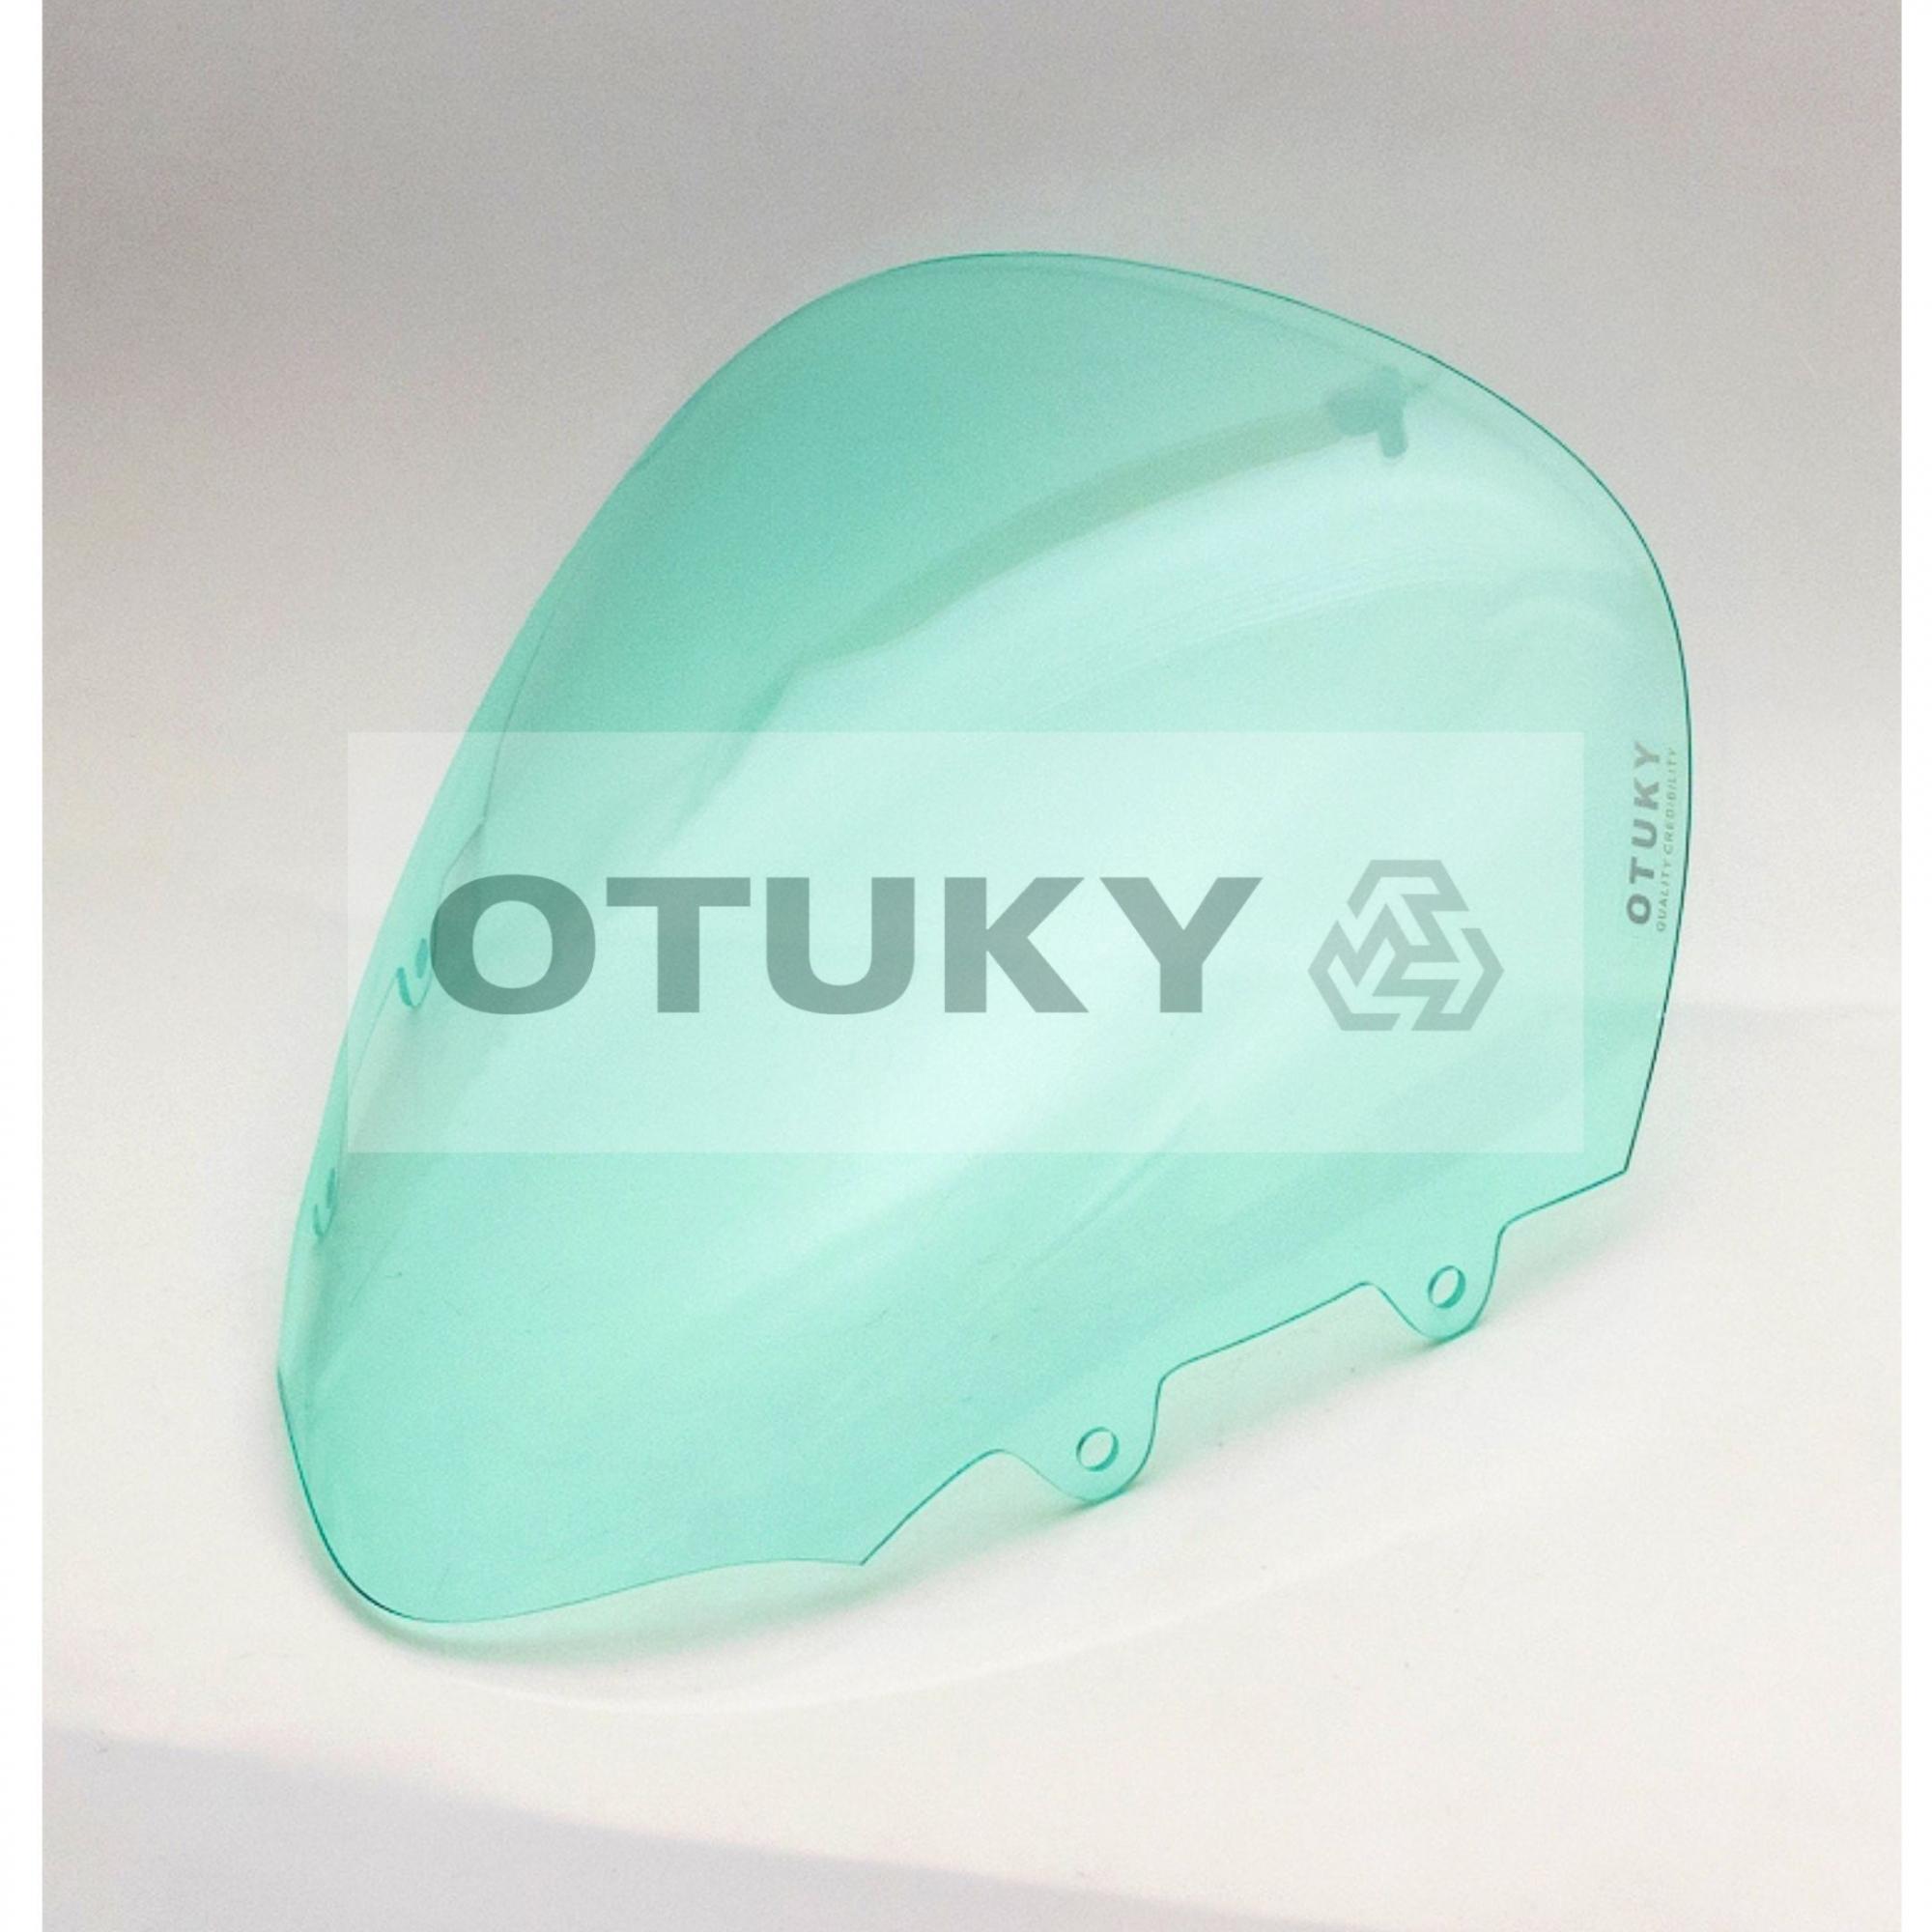 Bolha para Moto PCX 125 150 2013 Até 2018 Otuky Padrão Verde-Claro